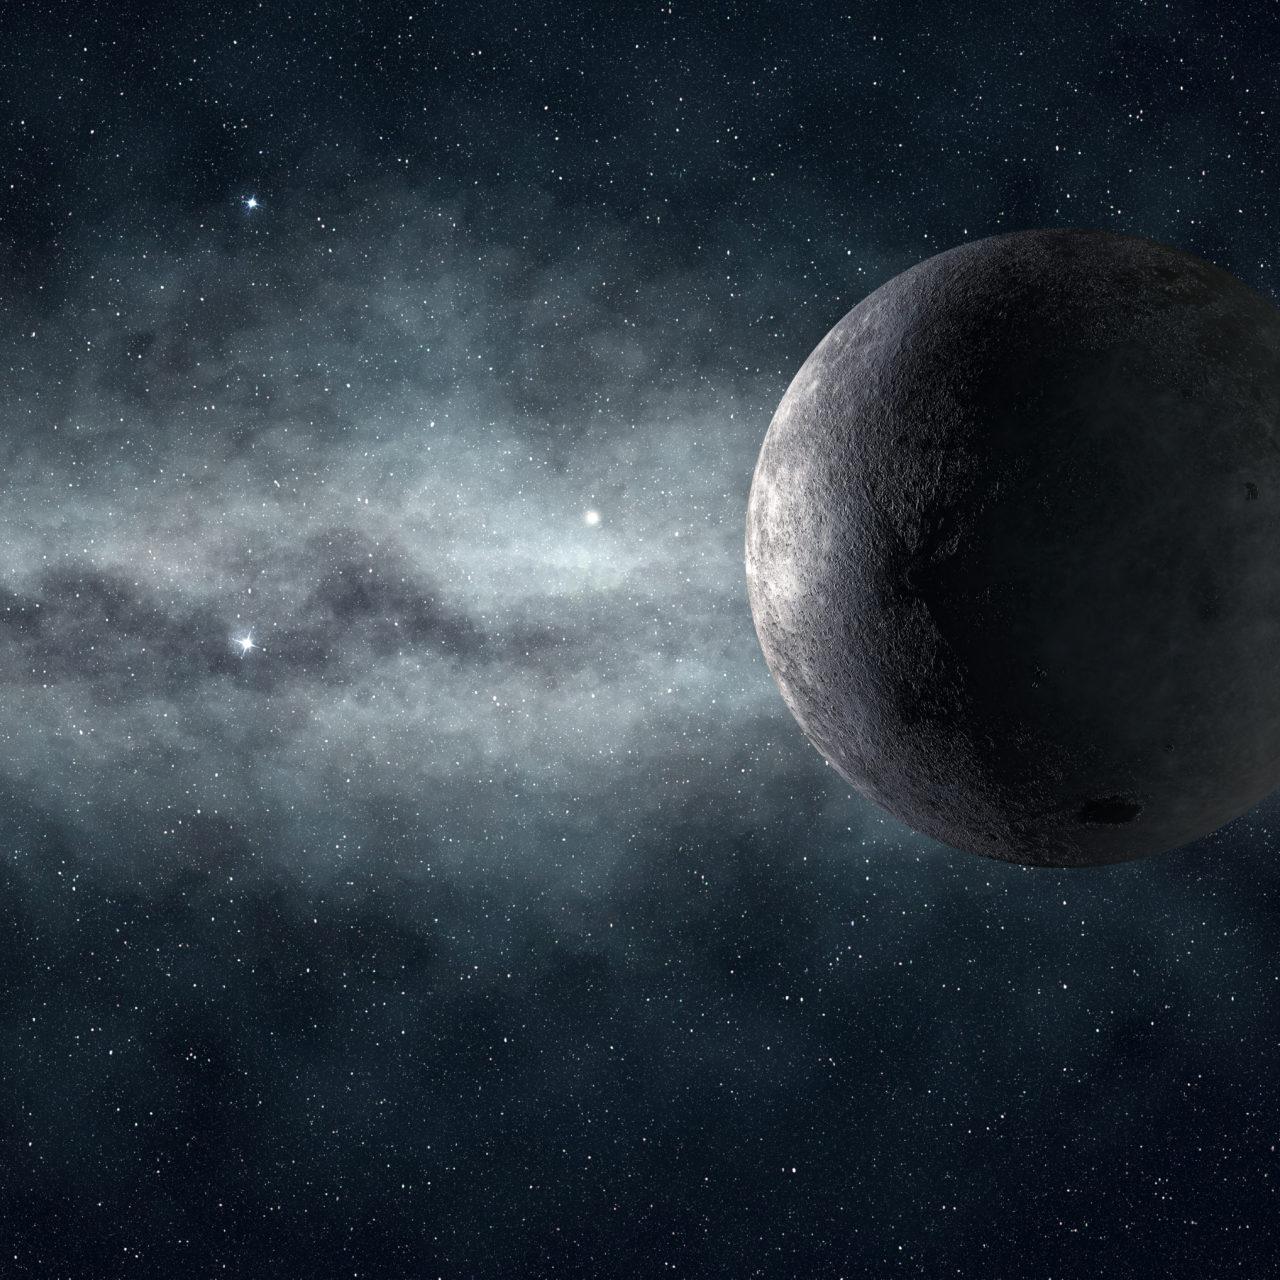 Le 30 novembre a lieu la dernière éclipse lunaire de l'année 2020!